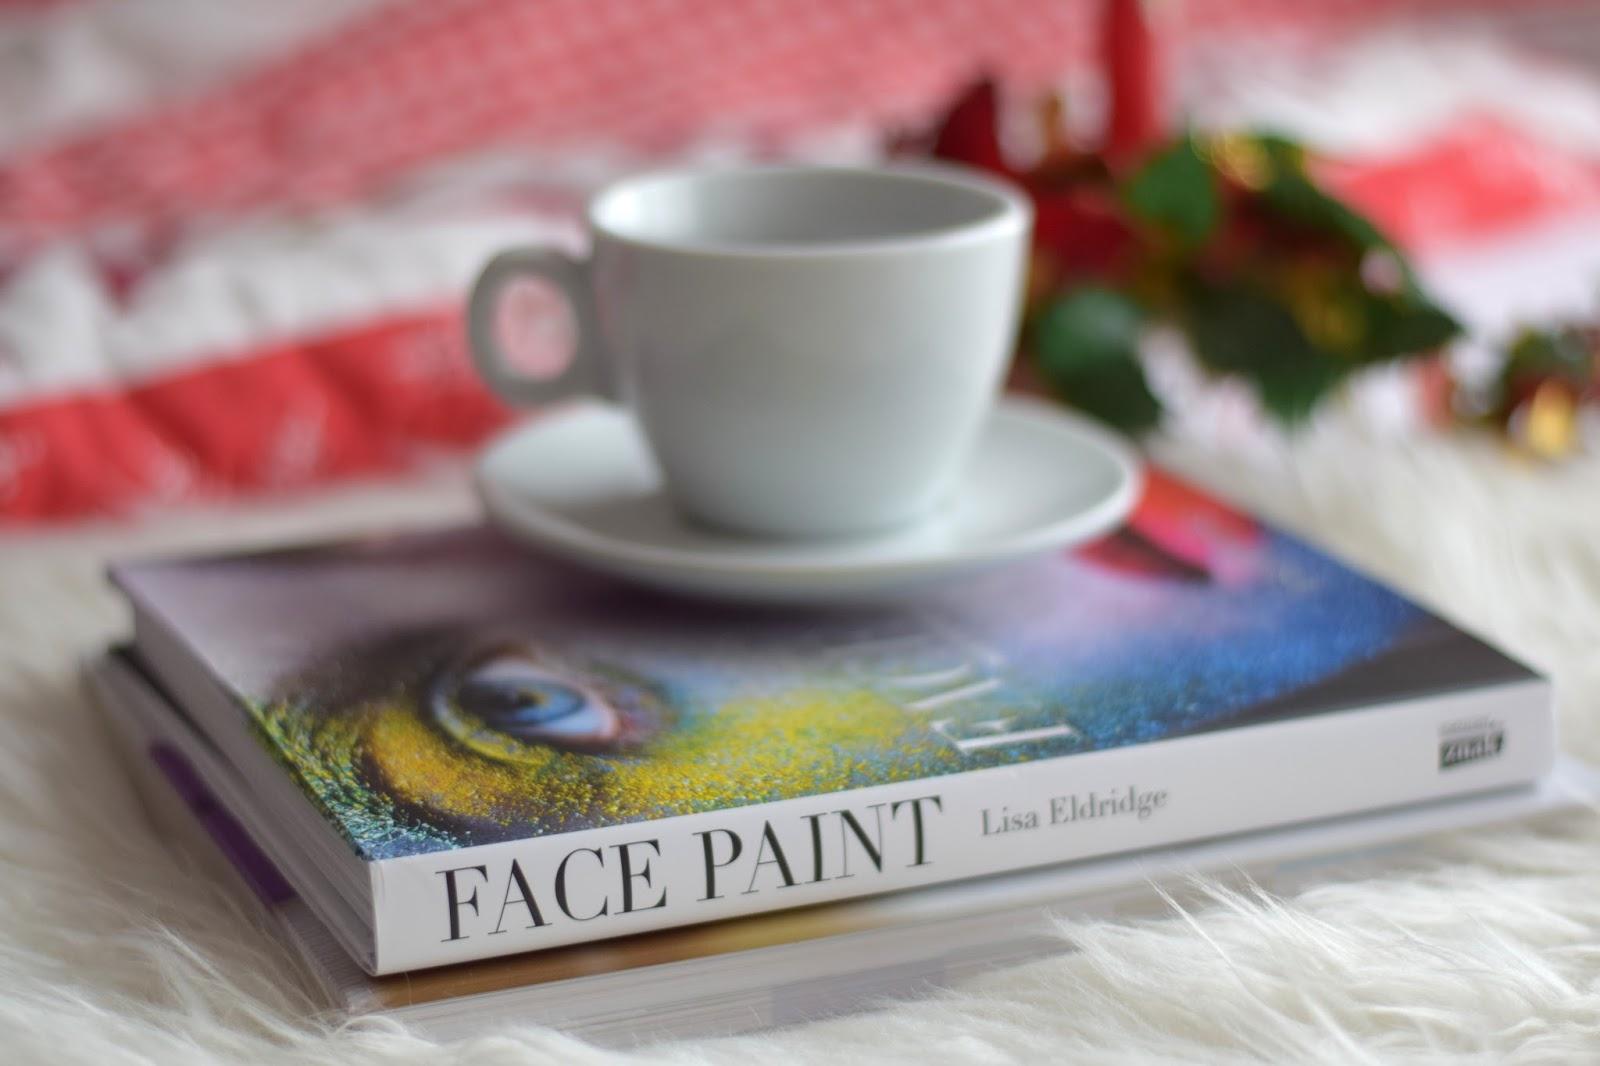 Lisa Elridge, Face Paint. Historia makijażu